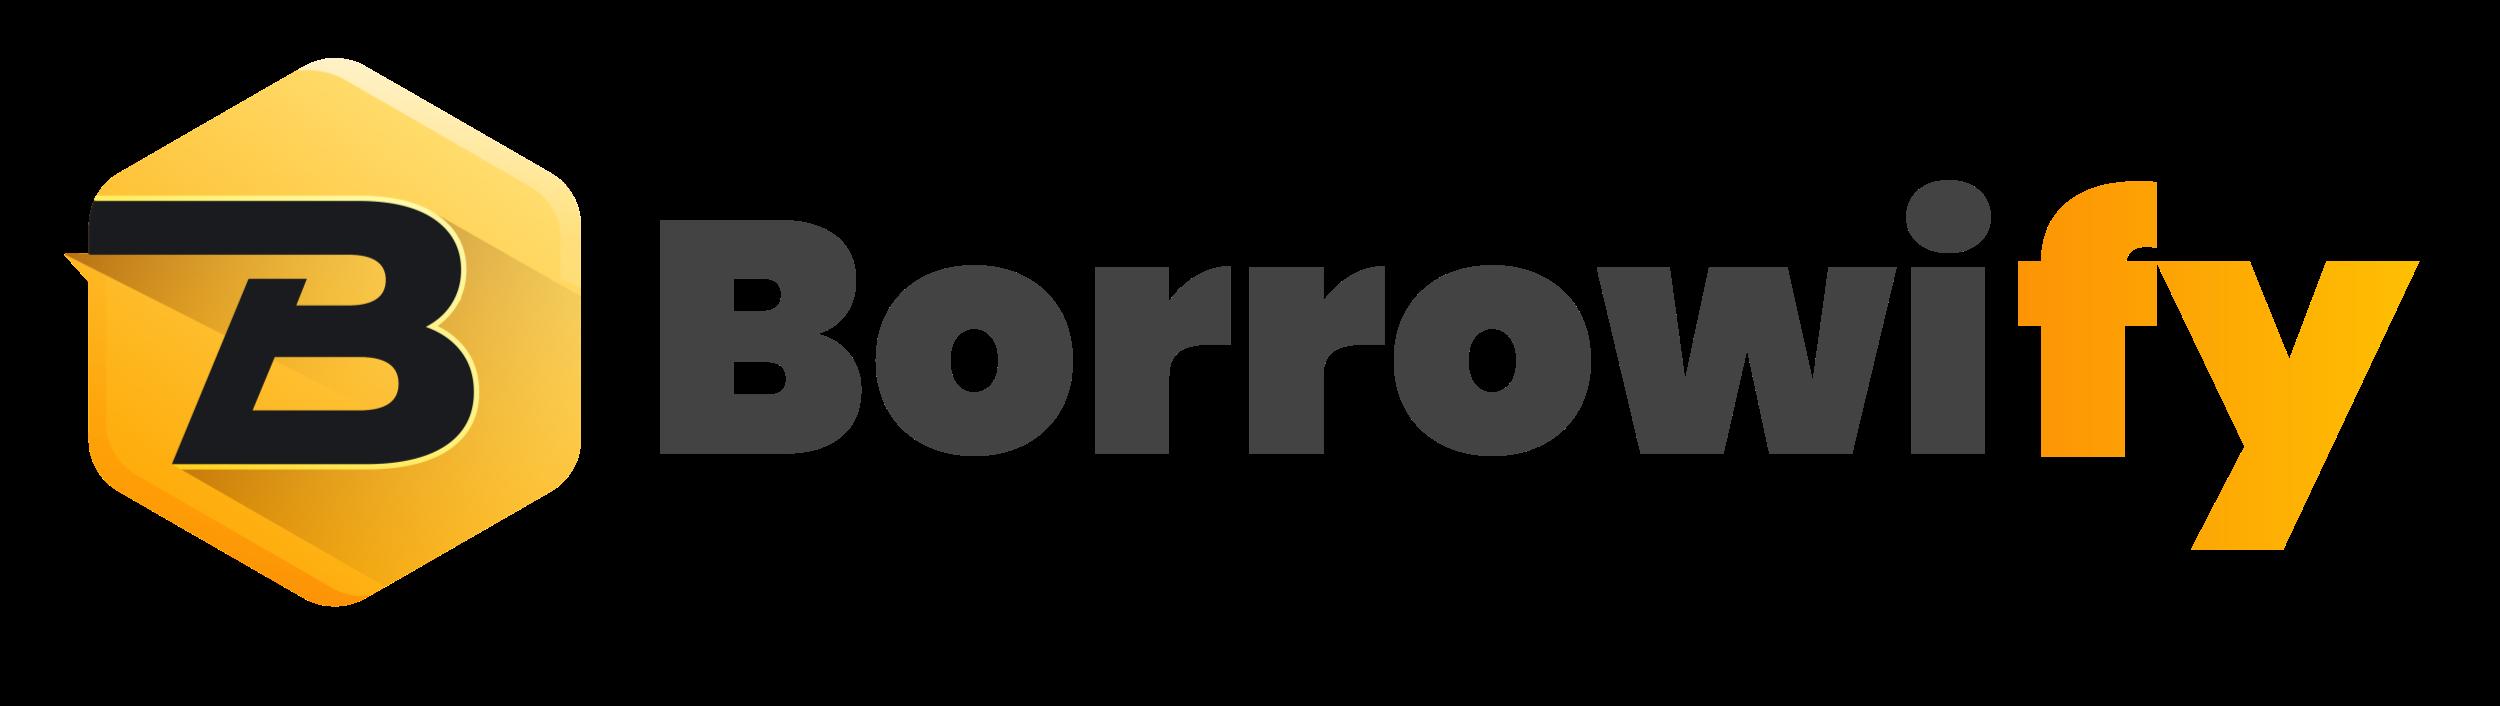 Borrowify Review: OTO's & Info 2